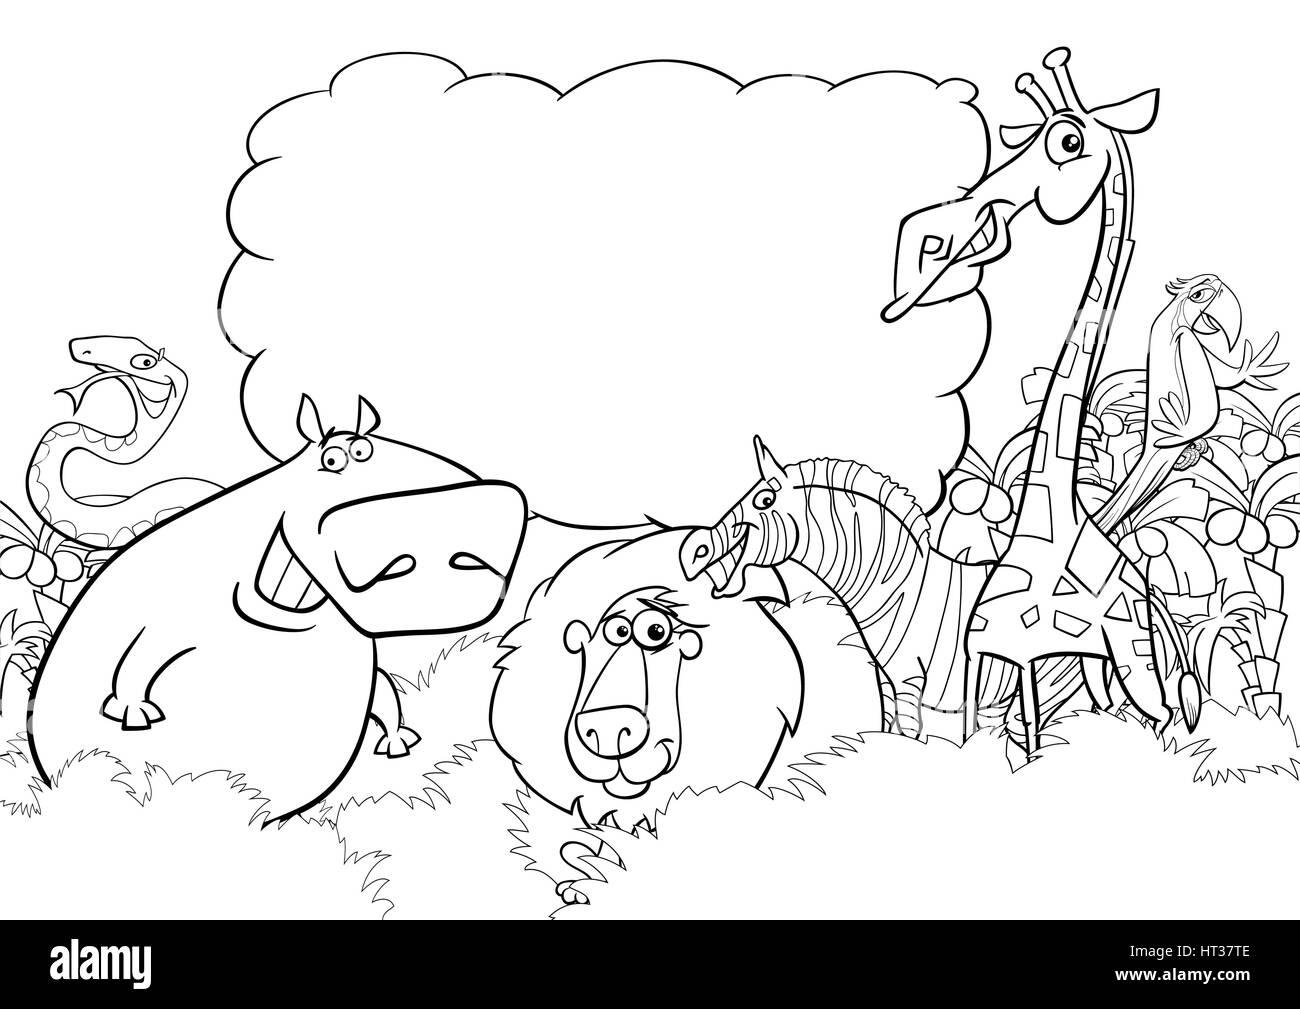 Schwarz Weiß Cartoon Illustration Des Wilden Tier Zeichen Mit